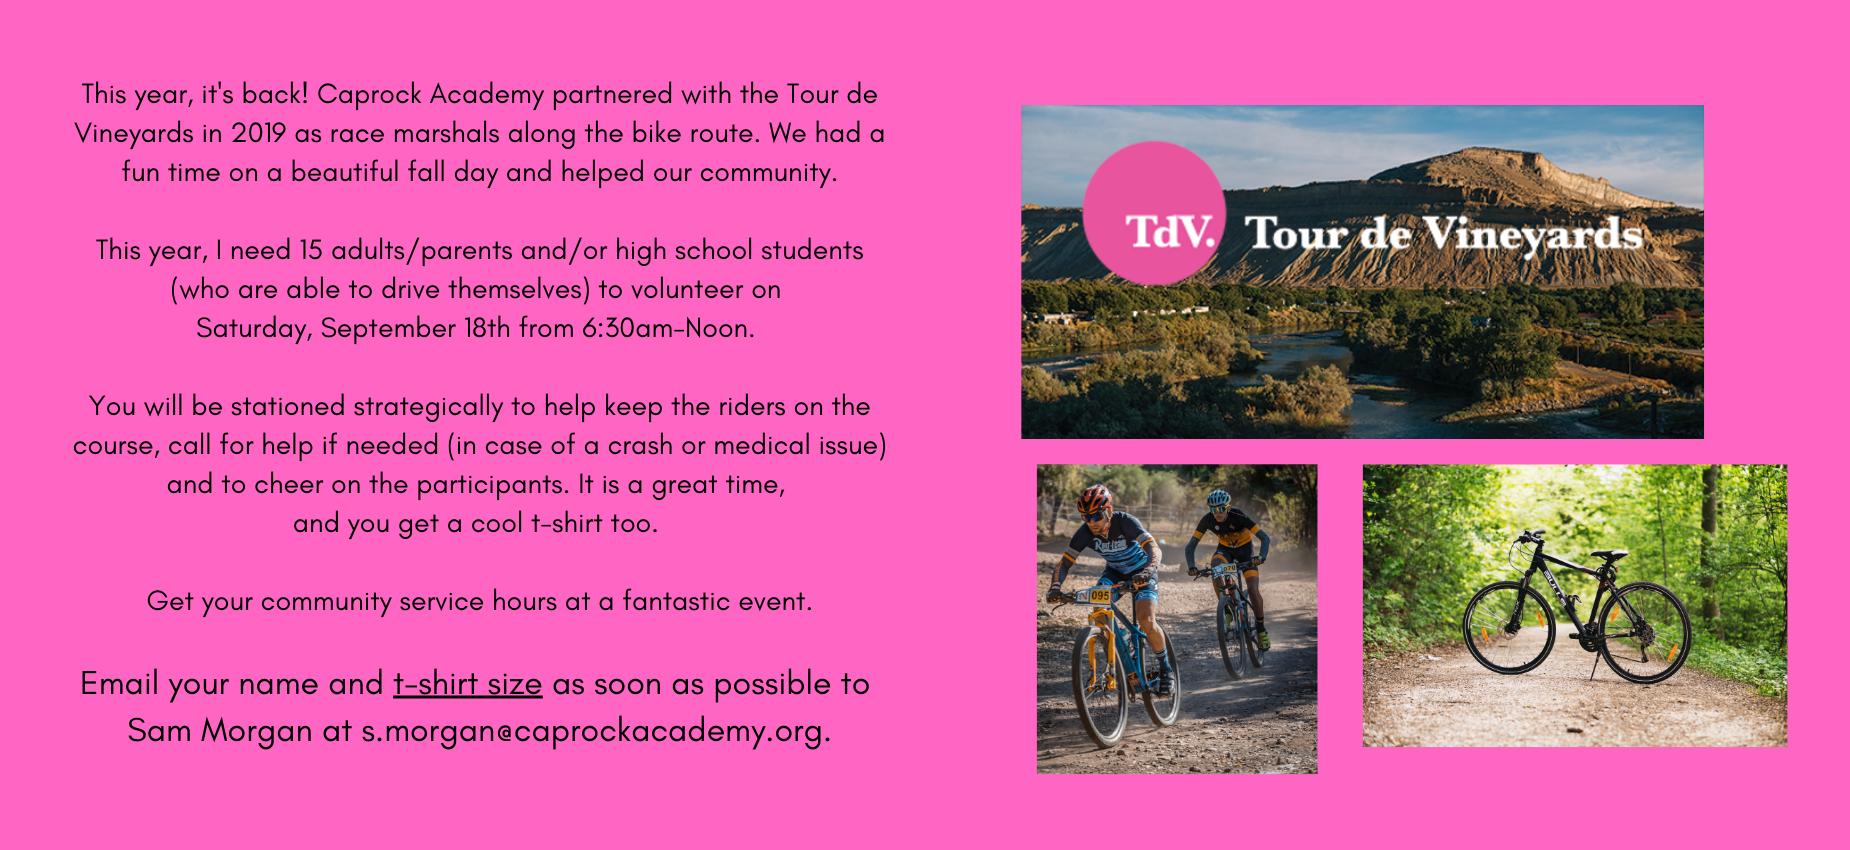 Volunteers Needed for Tour de Vineyards